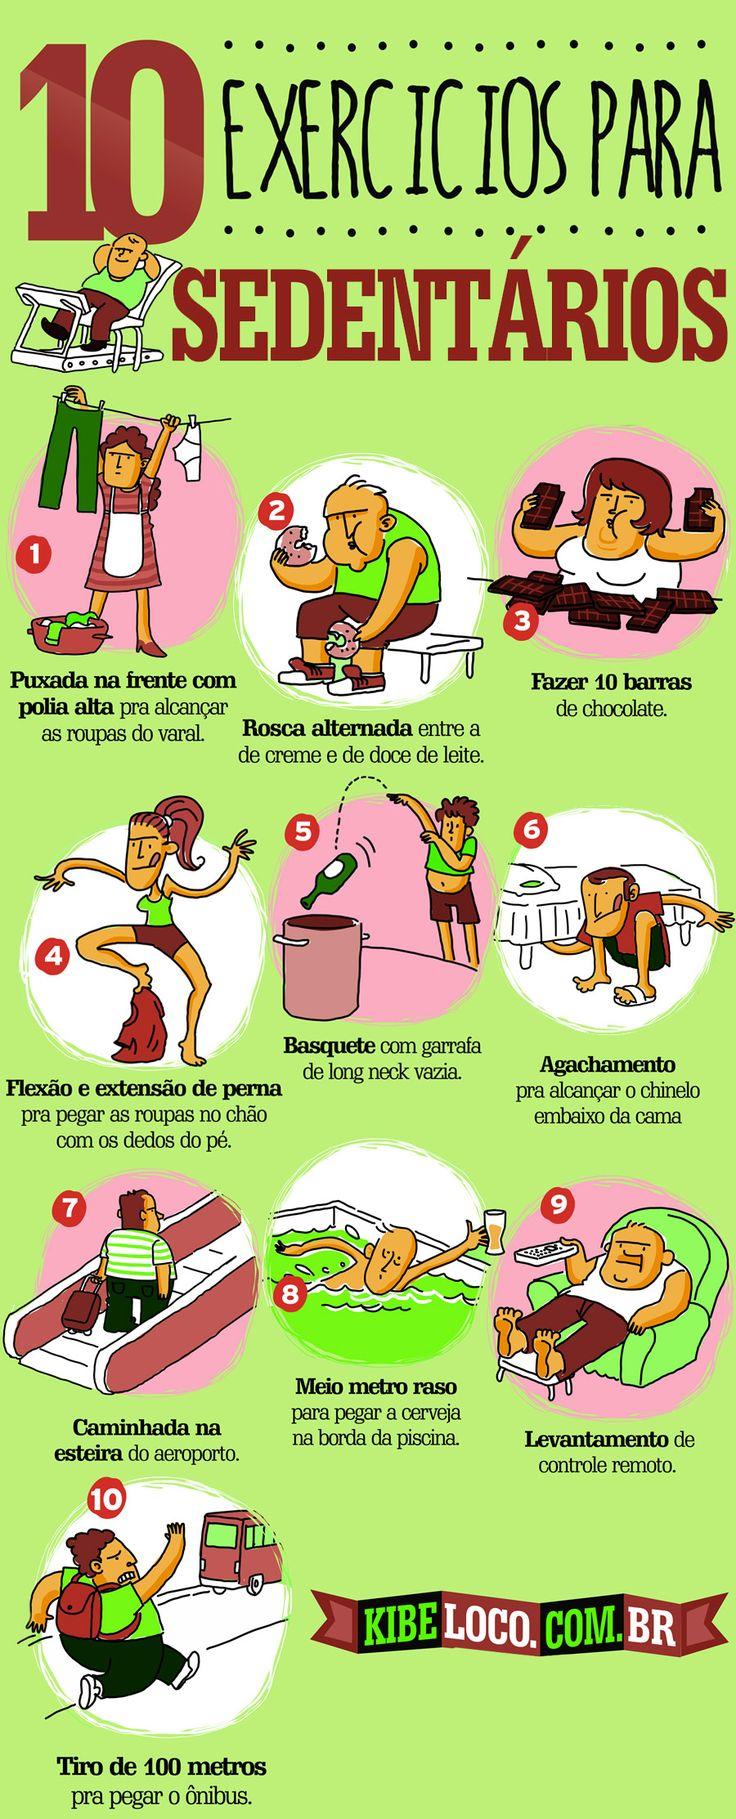 TOP EXERCÍCIO PARA OS SEDENTÁRIOS...